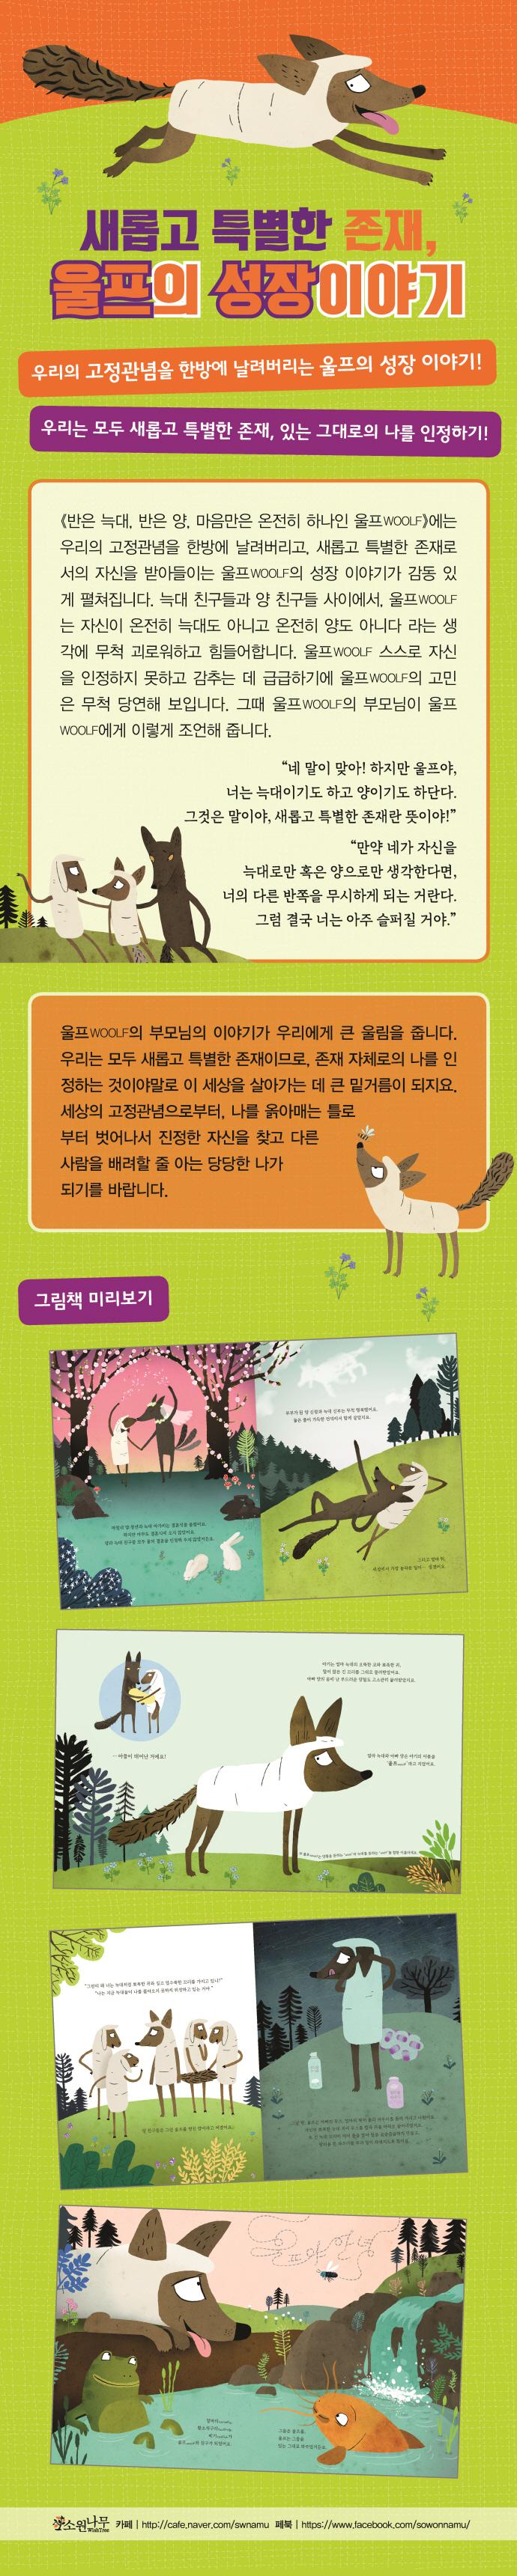 반은 늑대, 반은 양, 마음만은 온전히 하나인 울프(세계숲 그림책 2)(양장본 HardCover) 도서 상세이미지